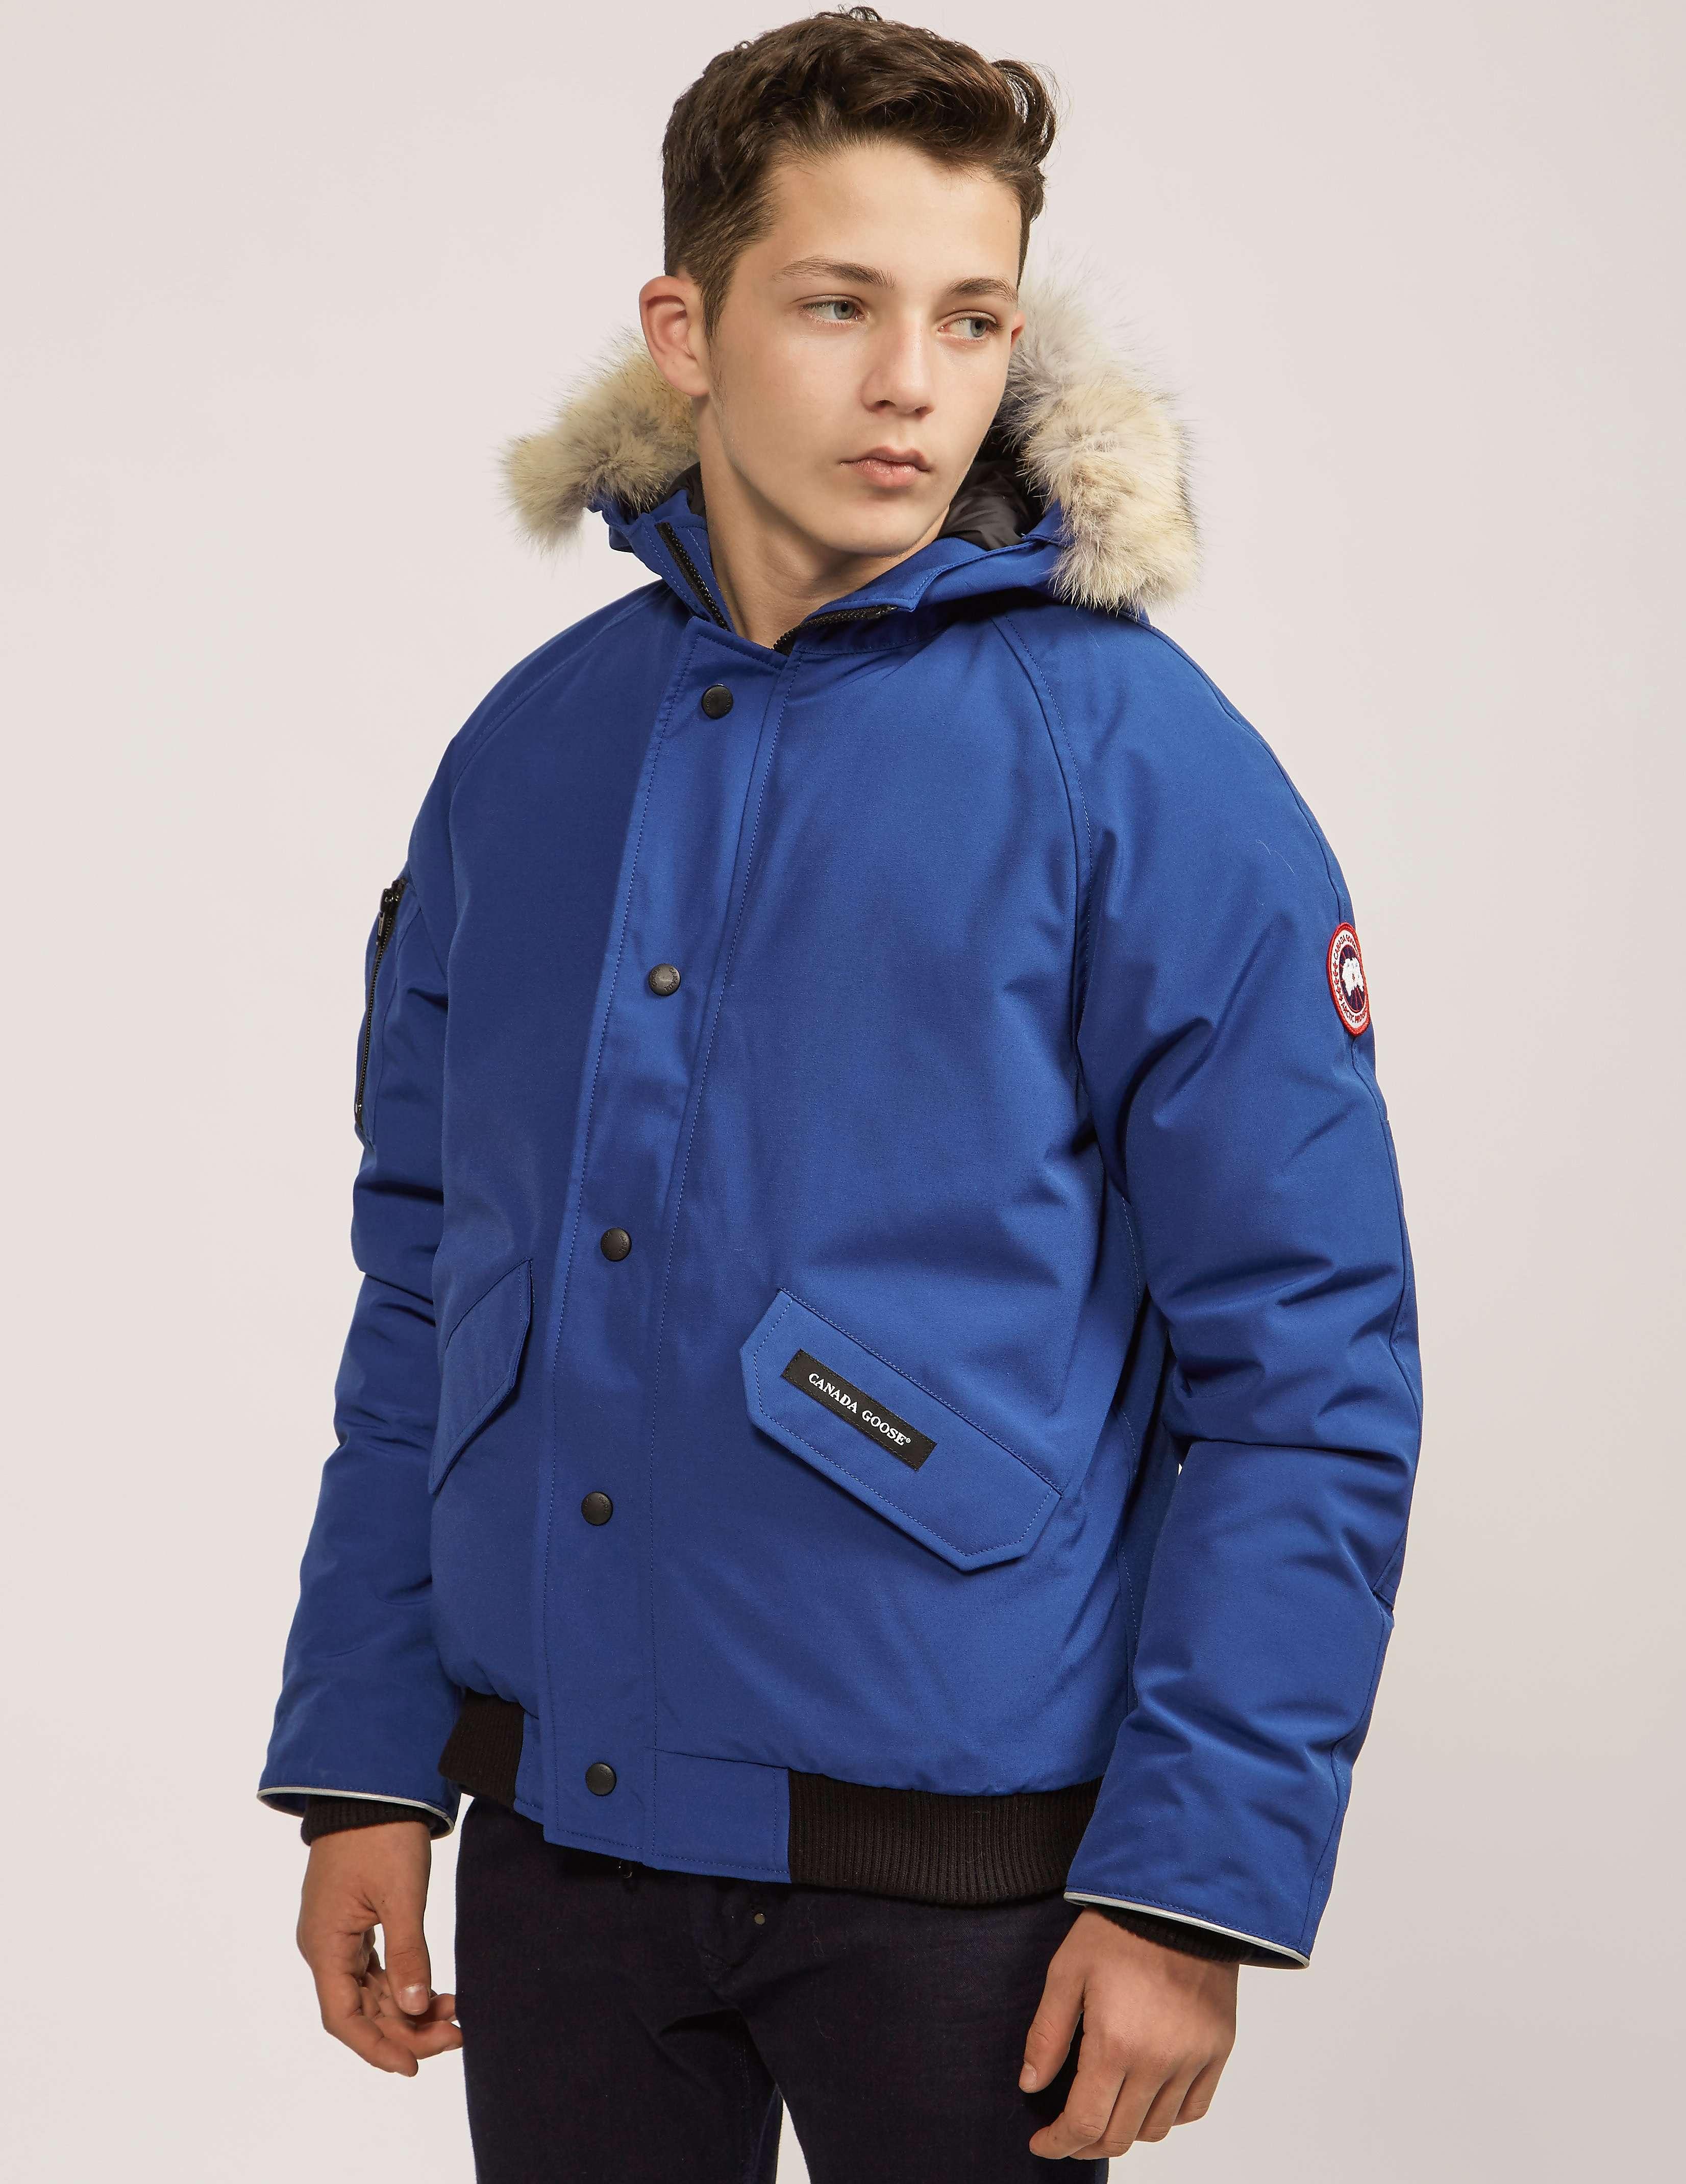 Buy canada goose jacket